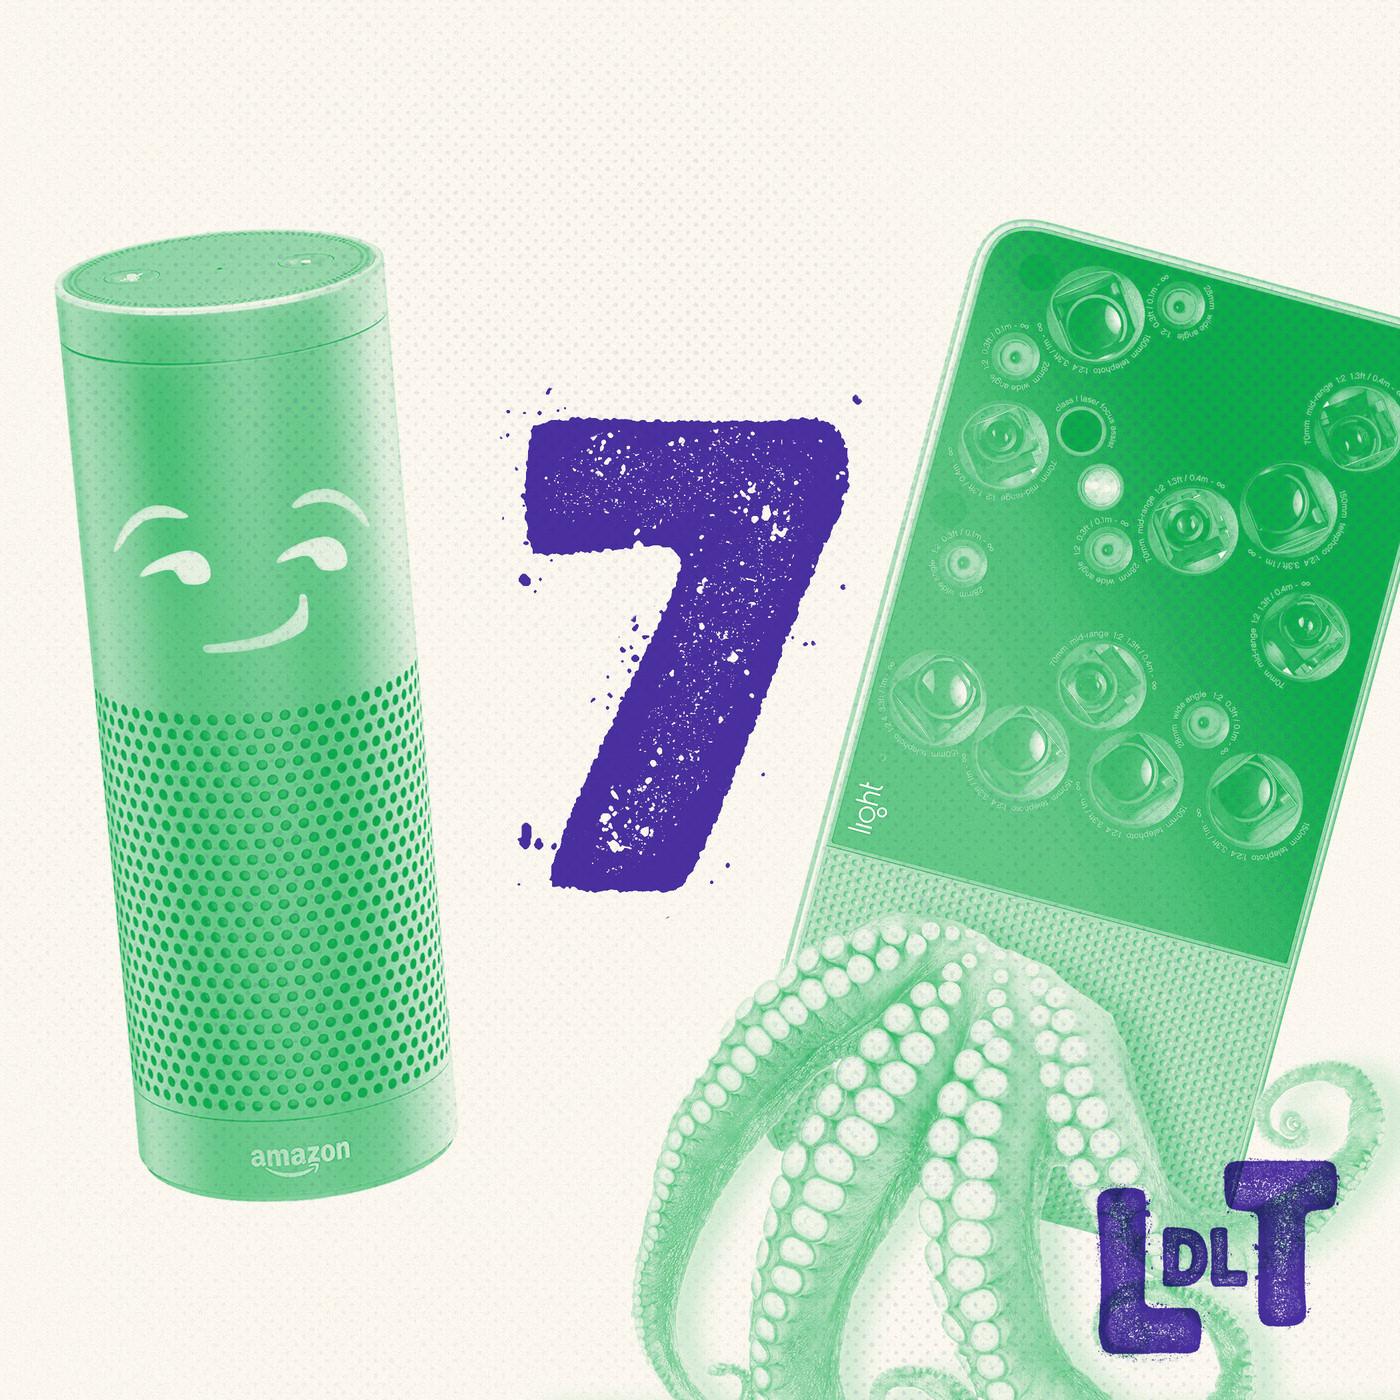 LDLT 07 - Alexa, buy condoms